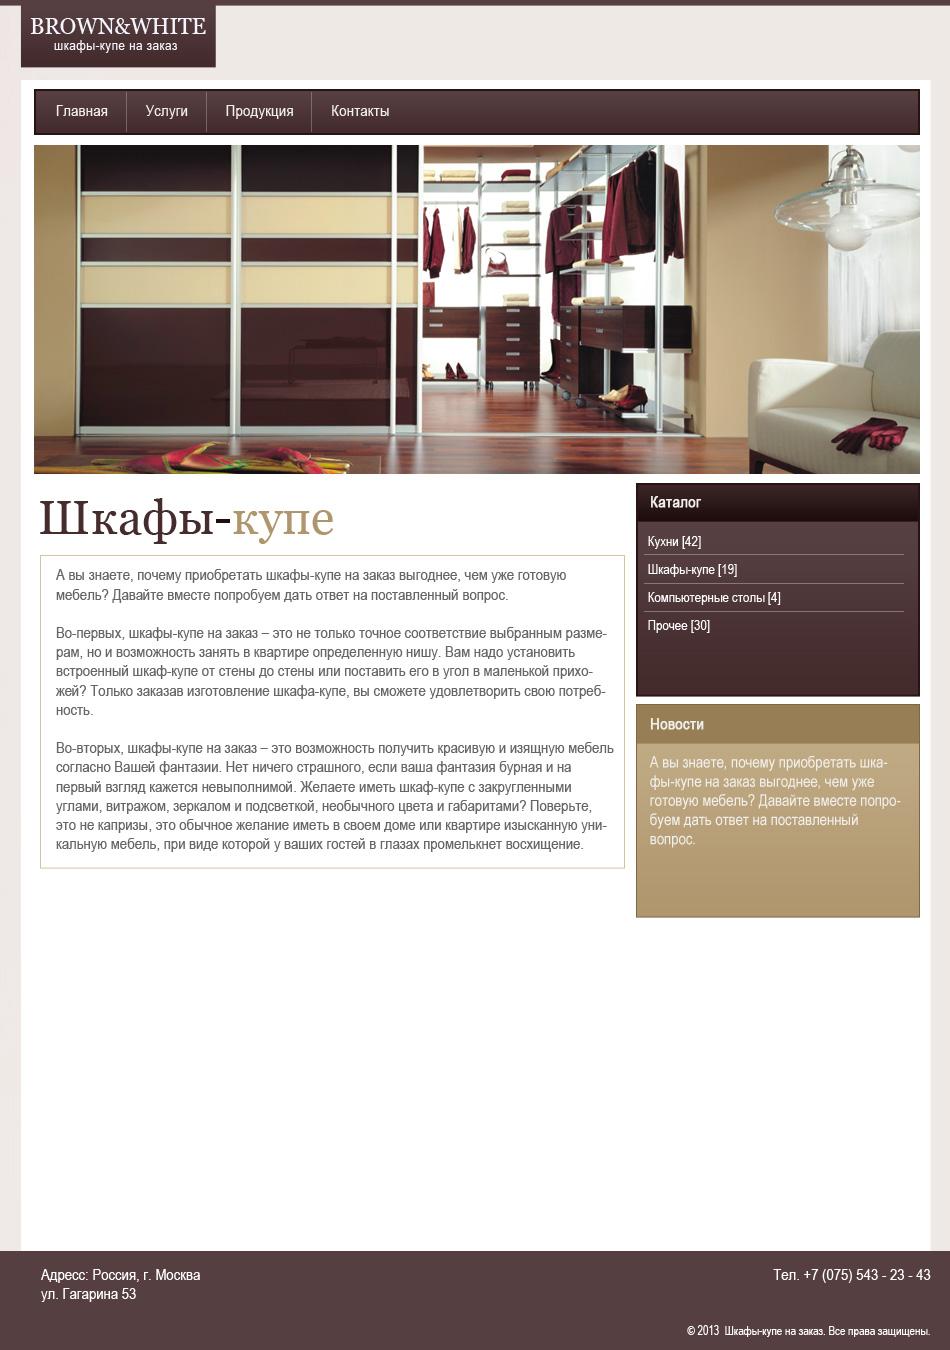 Шкафы-купе: дизайн сайта